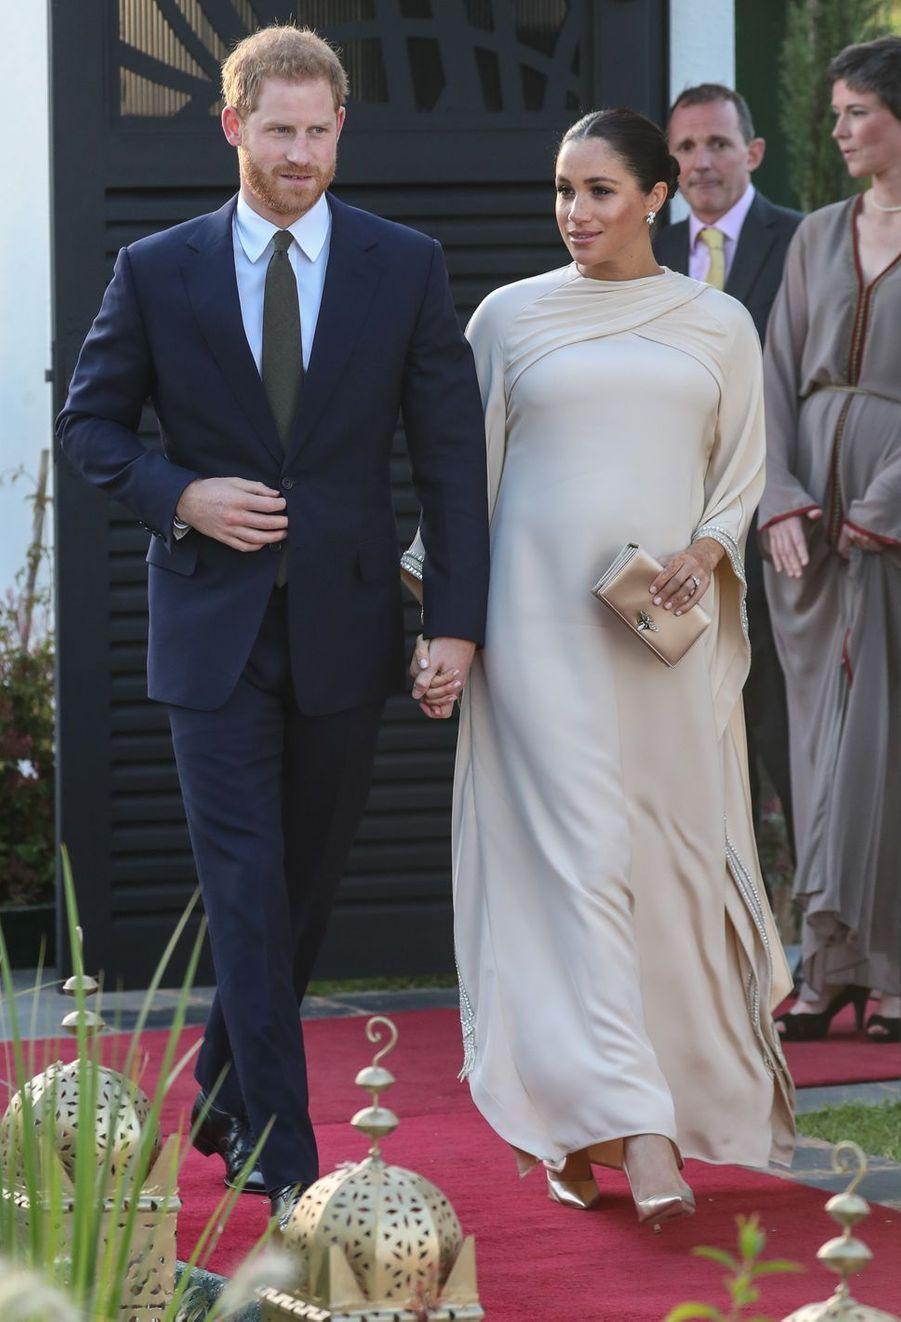 Meghan Markle et le prince Harry àRabat, le 24 février 2019